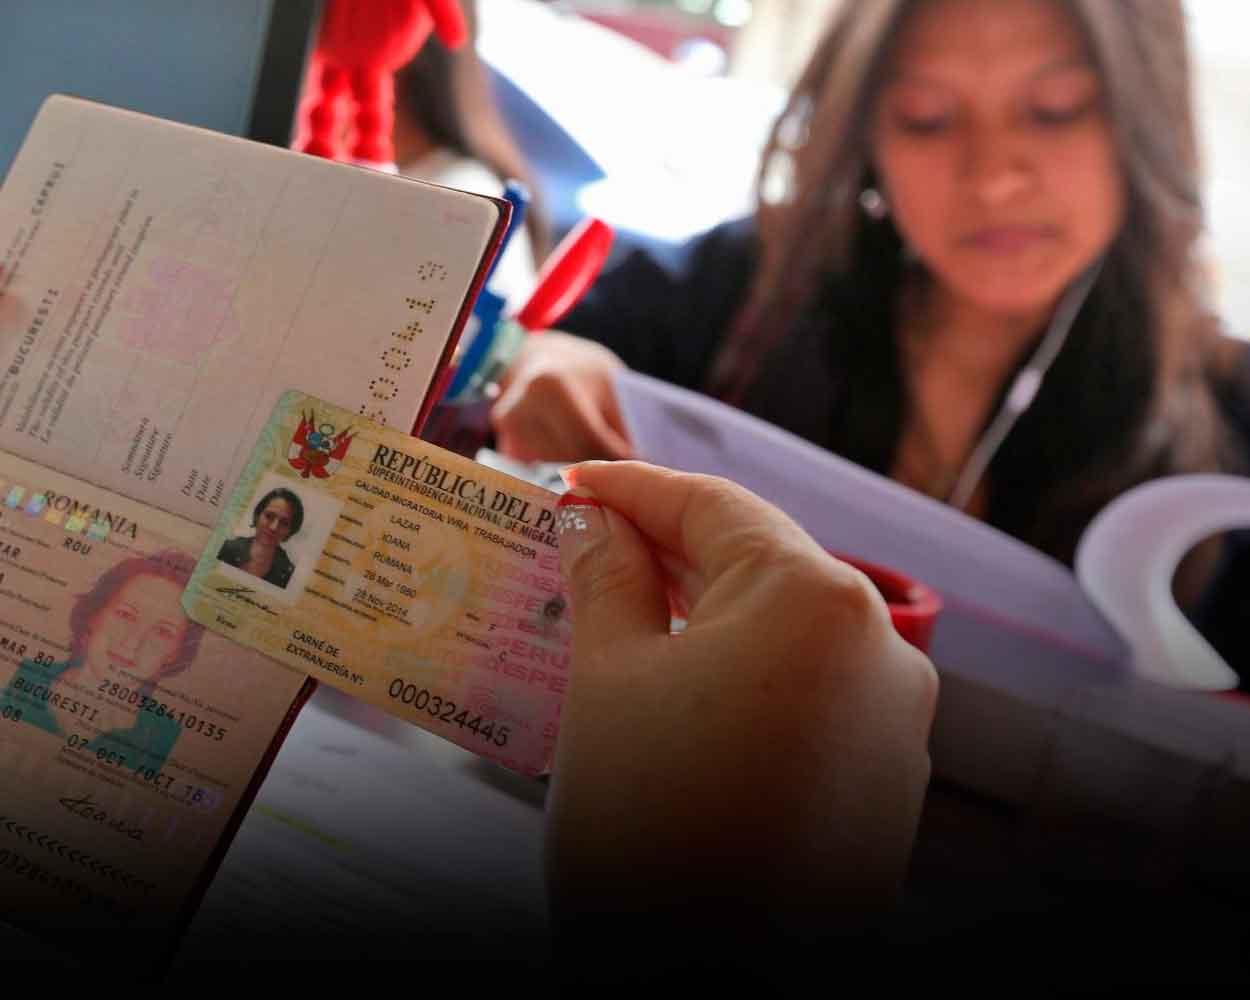 carnet de extranjeria peru venezolanos